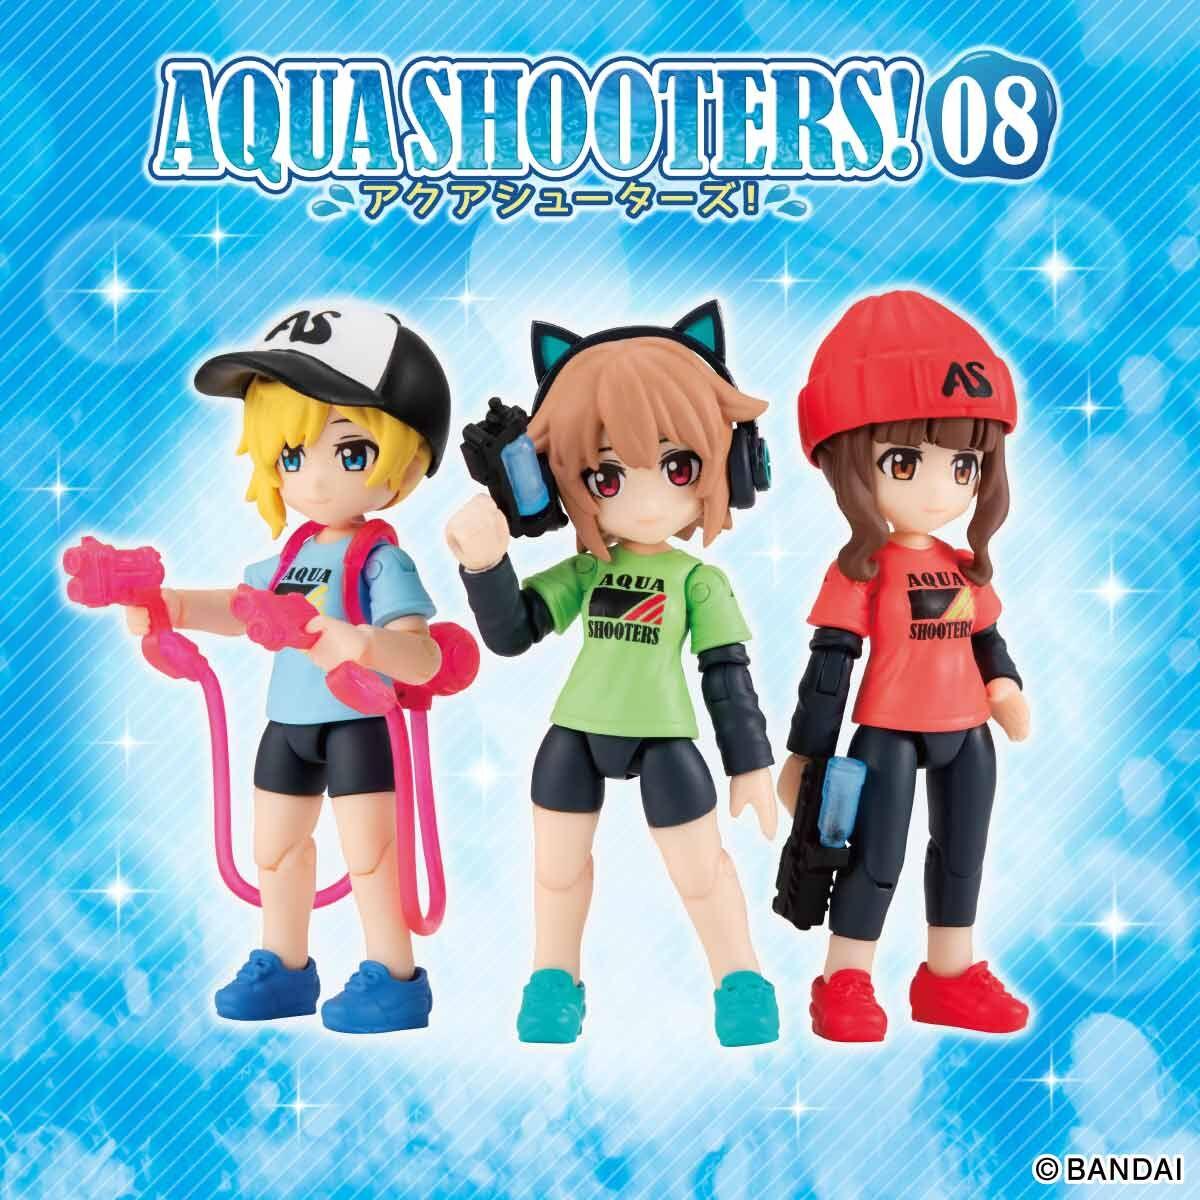 【限定販売】ガシャポン『AQUA SHOOTERS!08』10個入りBOX-001